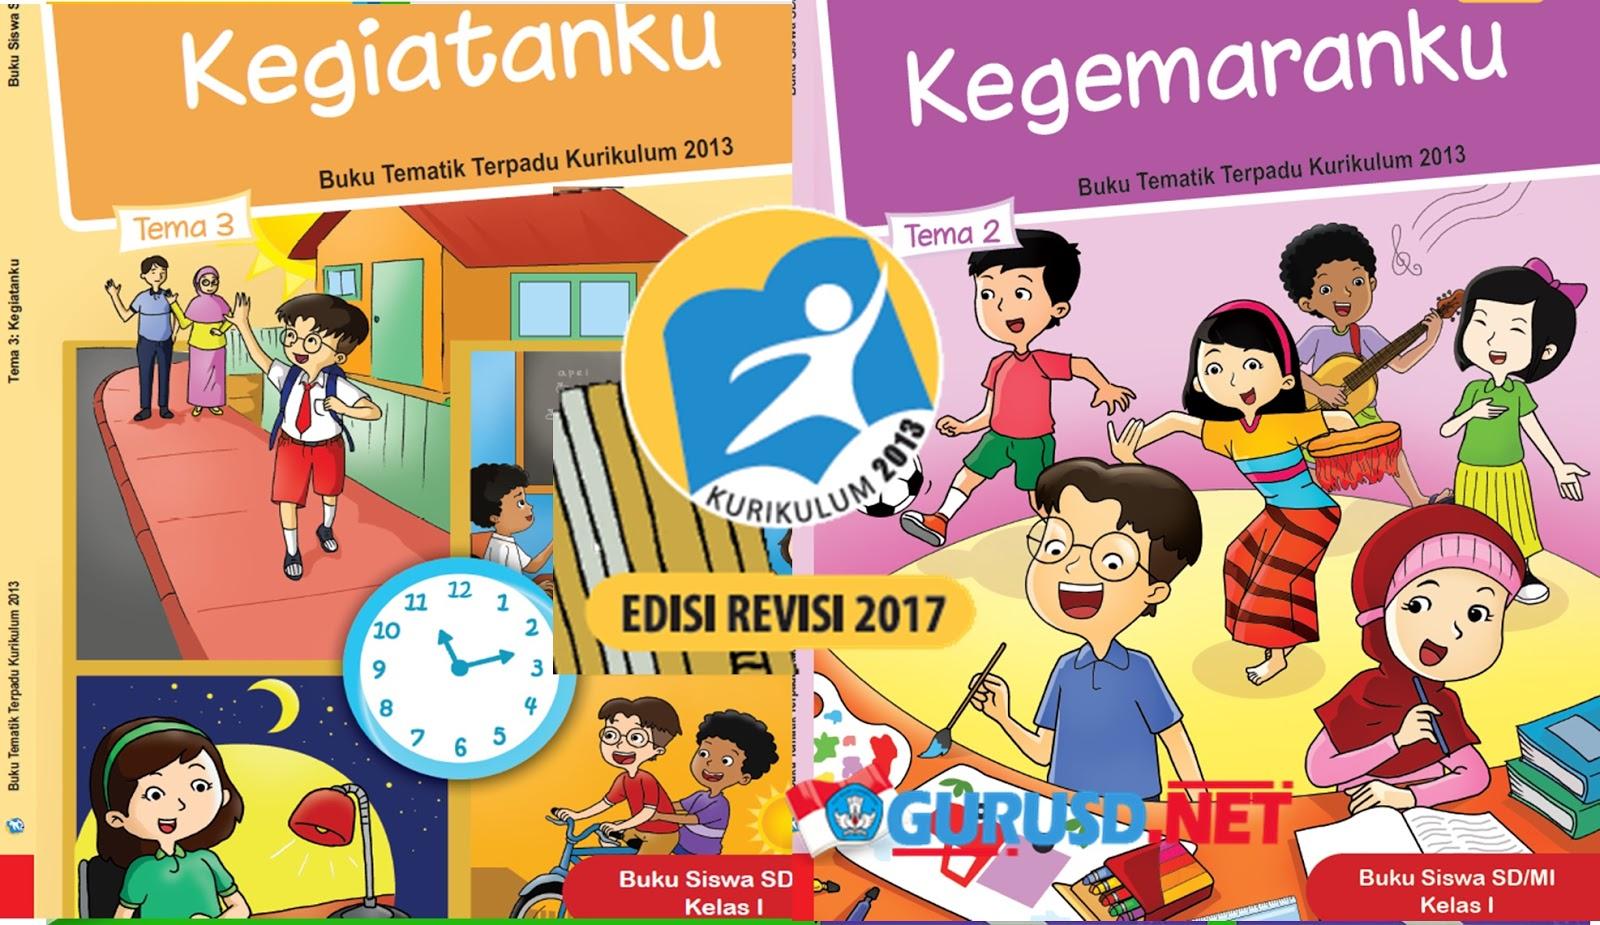 Buku Kelas 1 Kurikulum 2013 Revisi 2017 Semester 1